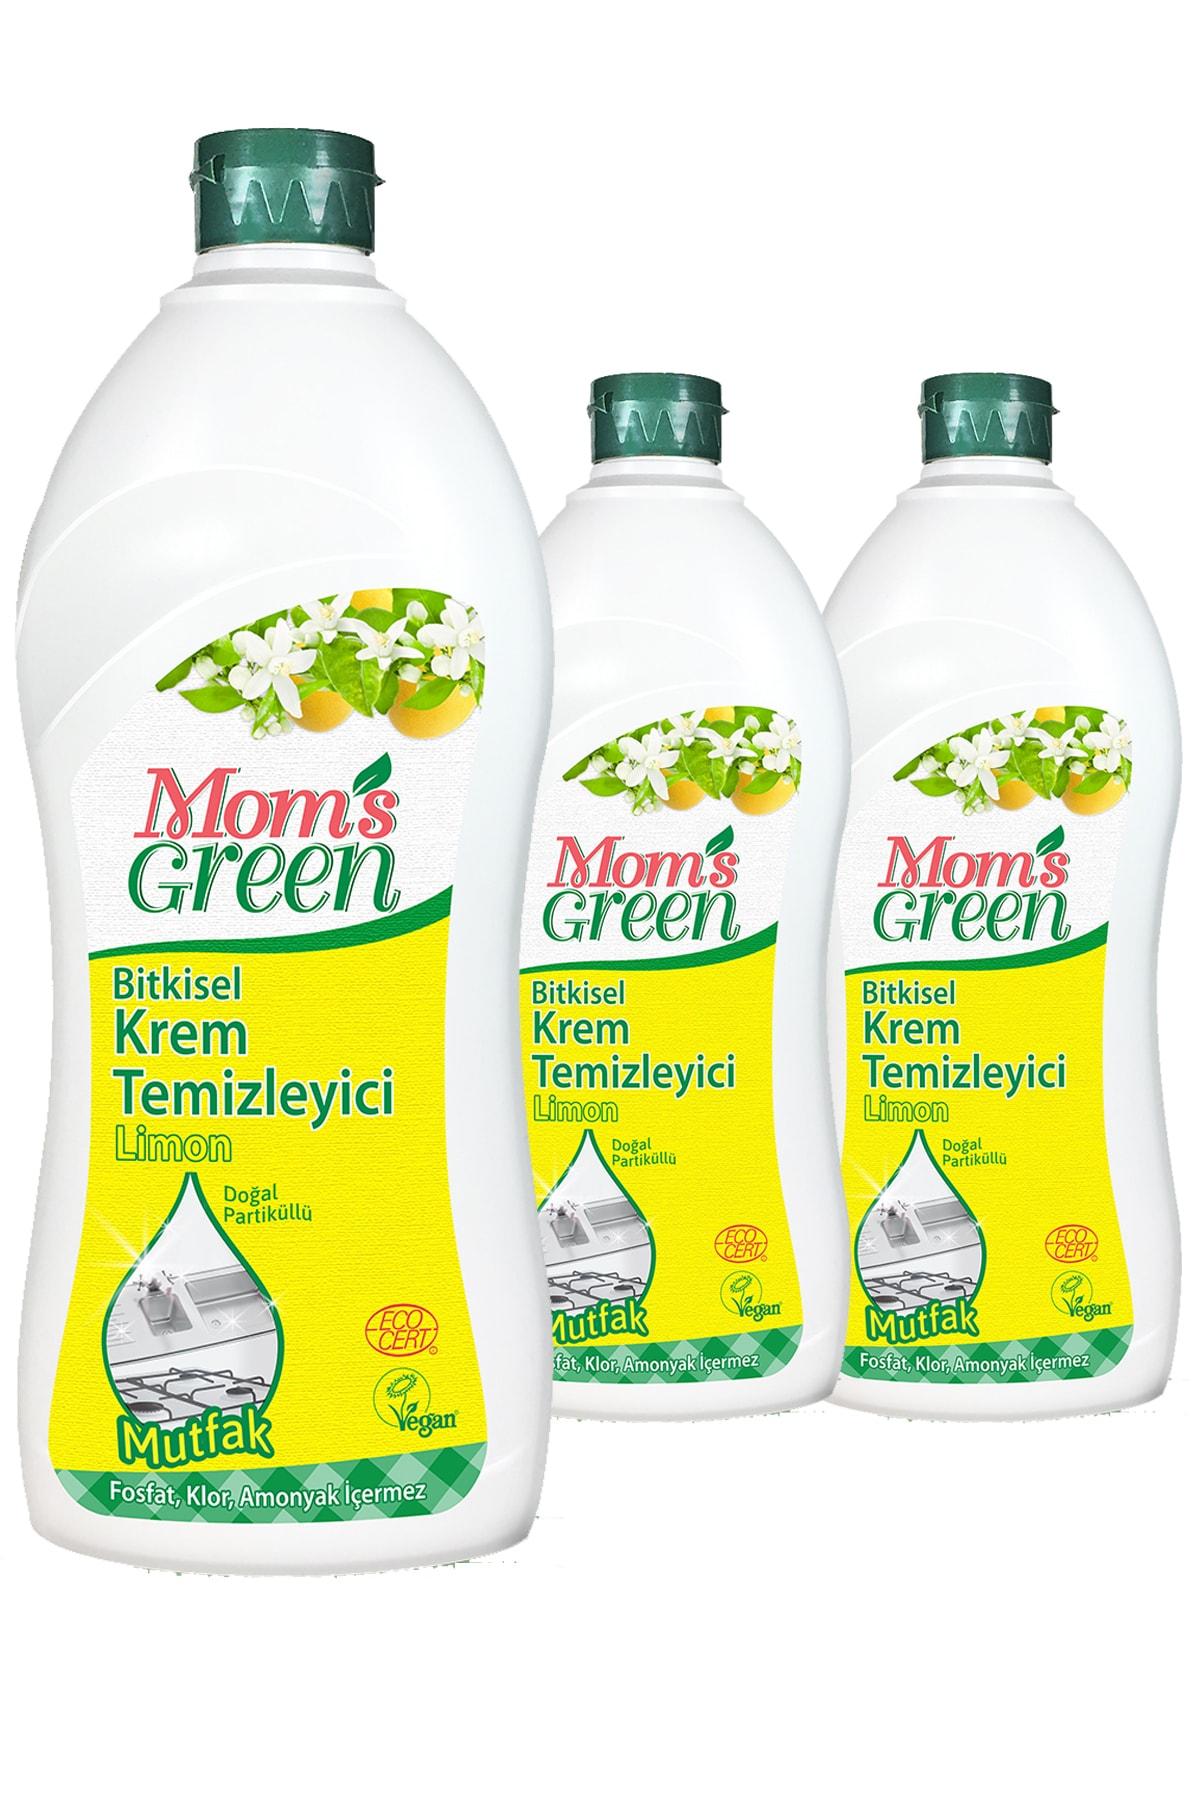 Mom's Green 3'lü Set Bitkisel Krem Temizleyici Mutfak - Limon 1